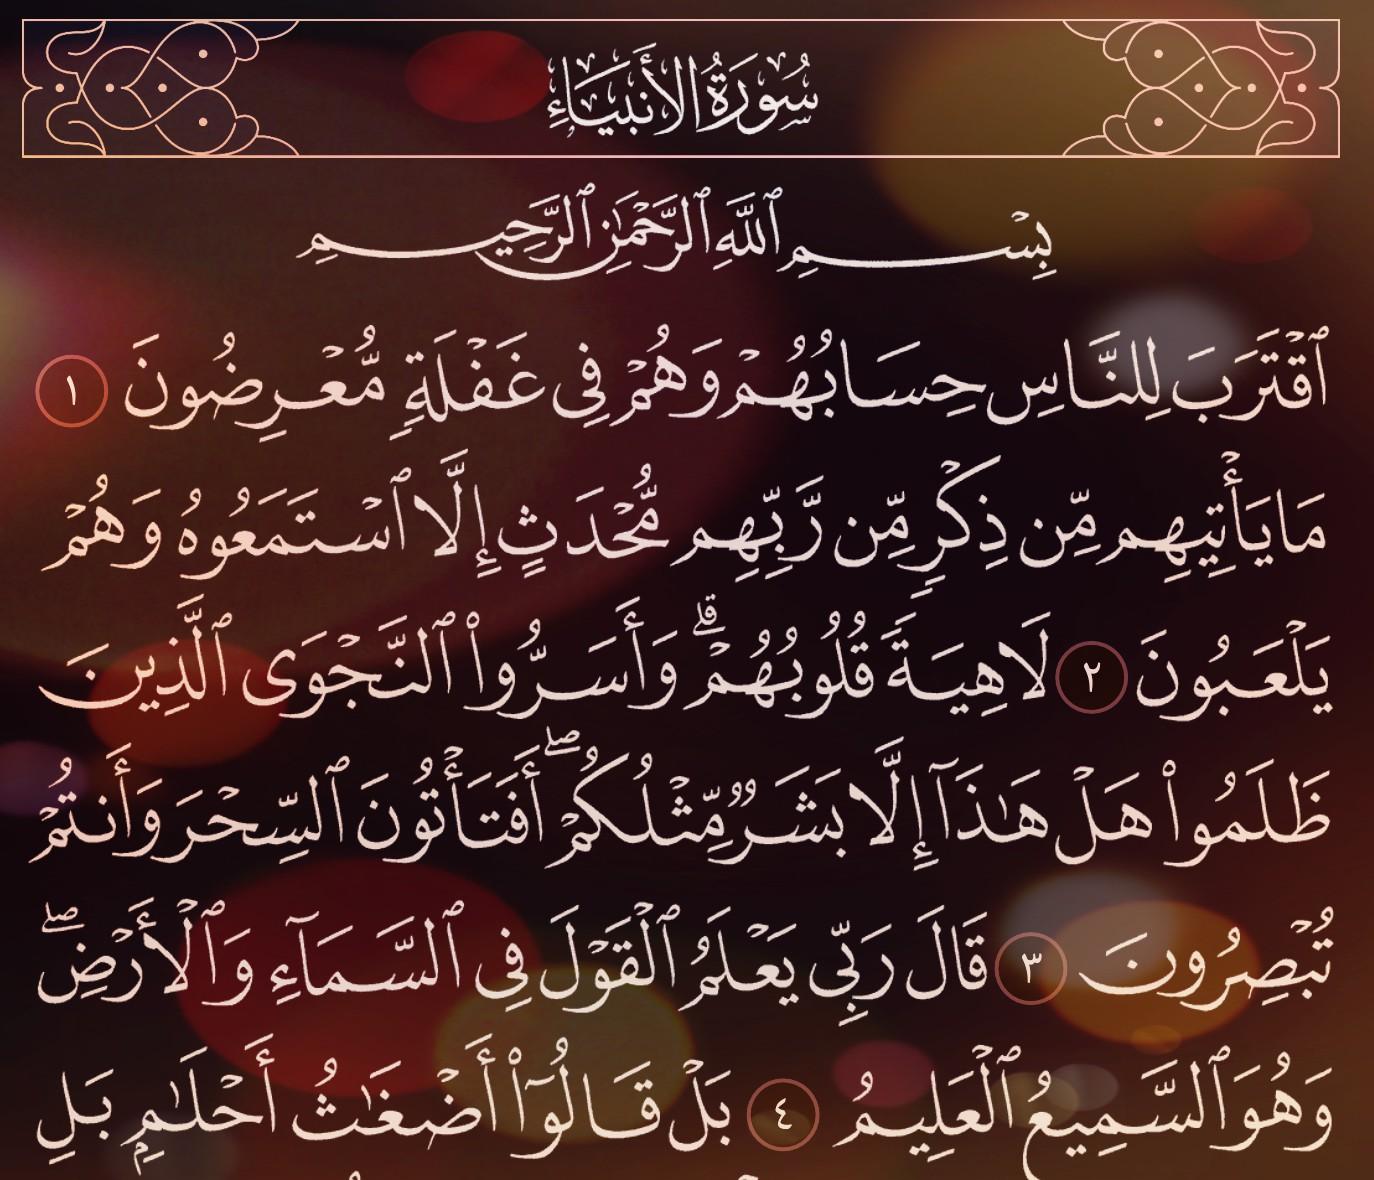 شرح وتفسير, سورةالأنبياء, ( من الآية 1 إلى الاية 10 ), surah al-anbiya, surah al-anbiya summary, surah al-anbiya ayat 83, surah al-anbiya ayat 107, surah al-anbiya ayat 30, surah al-anbiya ayat 87, surah al-anbiya ayat 87-88, surah al-anbiya ayat 88, surah al-anbiya ayat 7, surah al anbiya, surah e al anbiya, surah al anbiya ayat 83, surah al anbiya ayat 87, surah al anbiya ayat 69, surah al anbiya ayat 79,